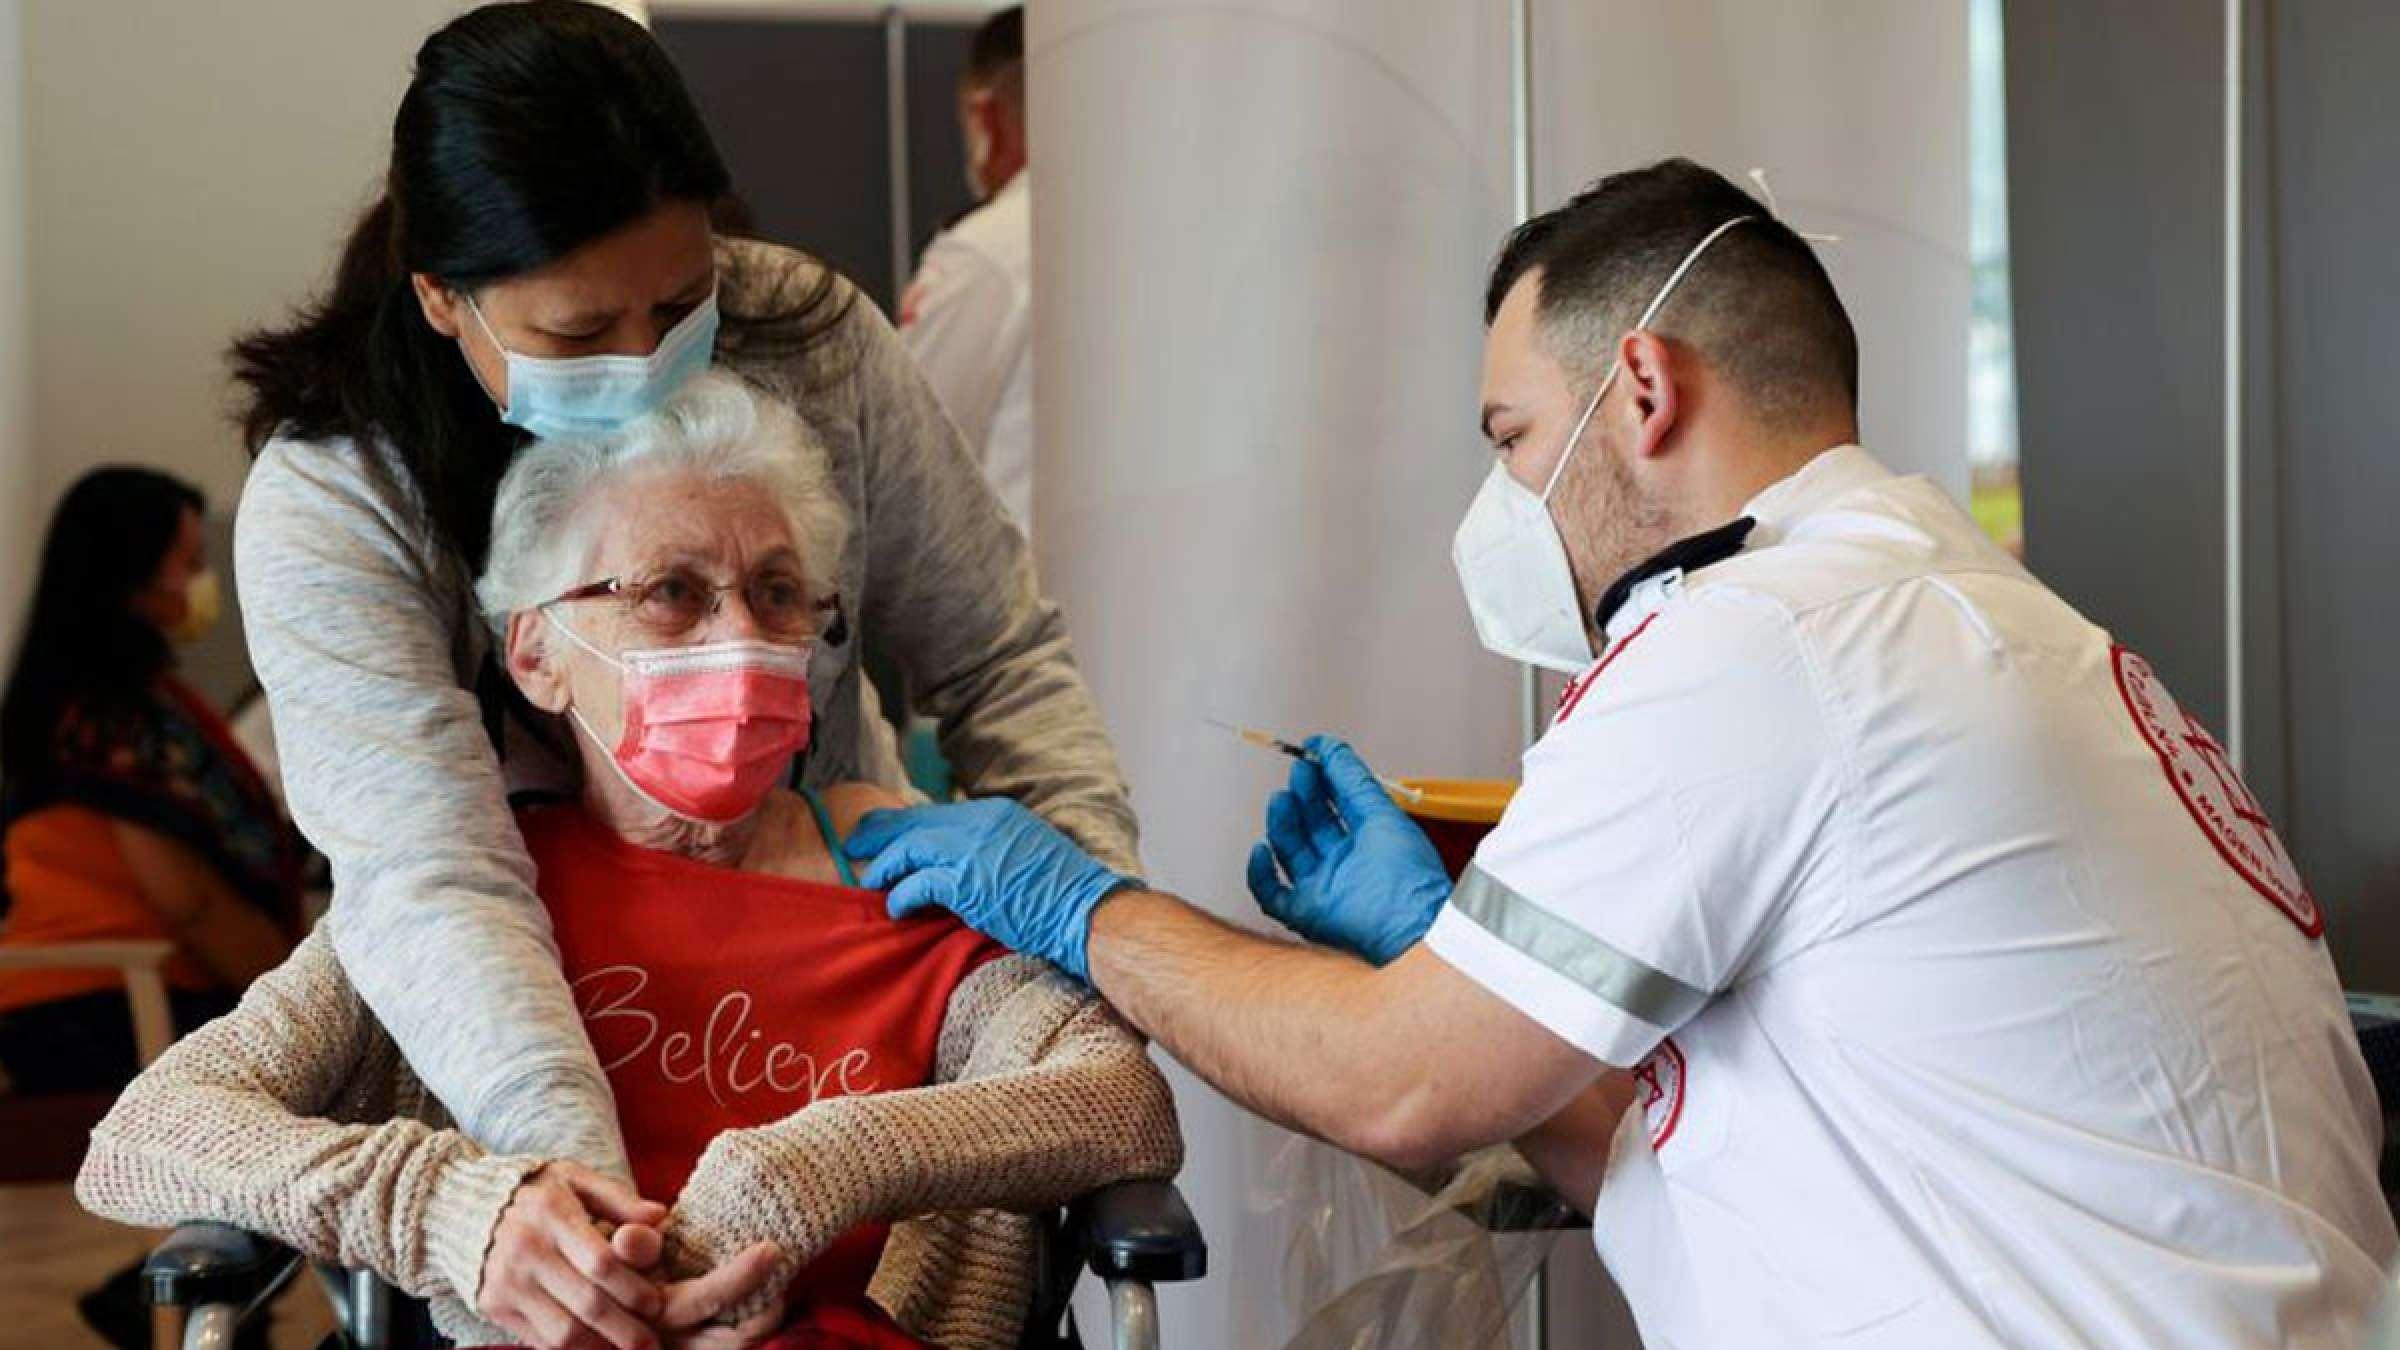 خبر-جهان-فایزر-همه-سریعا-دوز-سوم-واکسن-بزنند-اسرائیل-دلتا-فایزر-شدیدا-بیمار-کرده